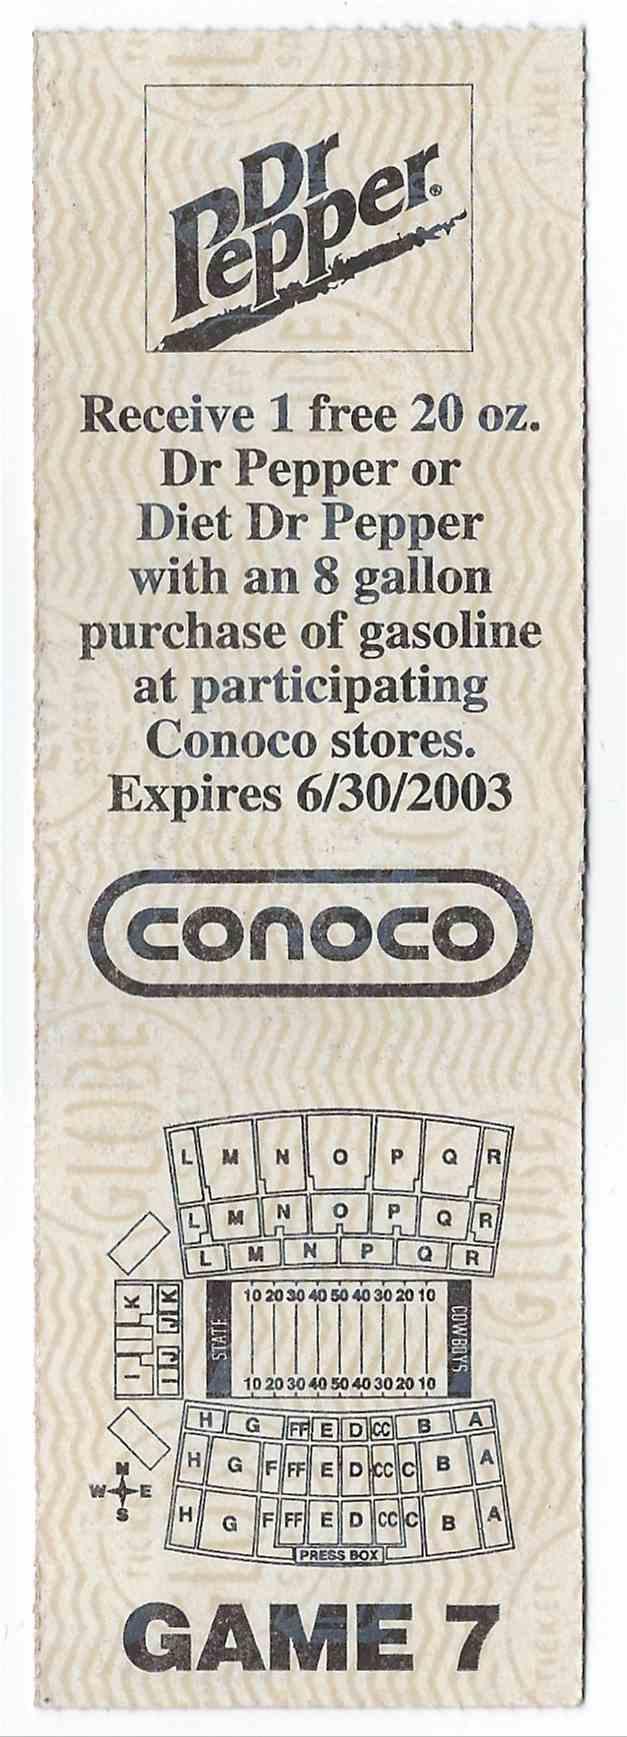 2002 College Football Ticket Stub Oklahoma Vs Oklahoma State Bedlam card back image